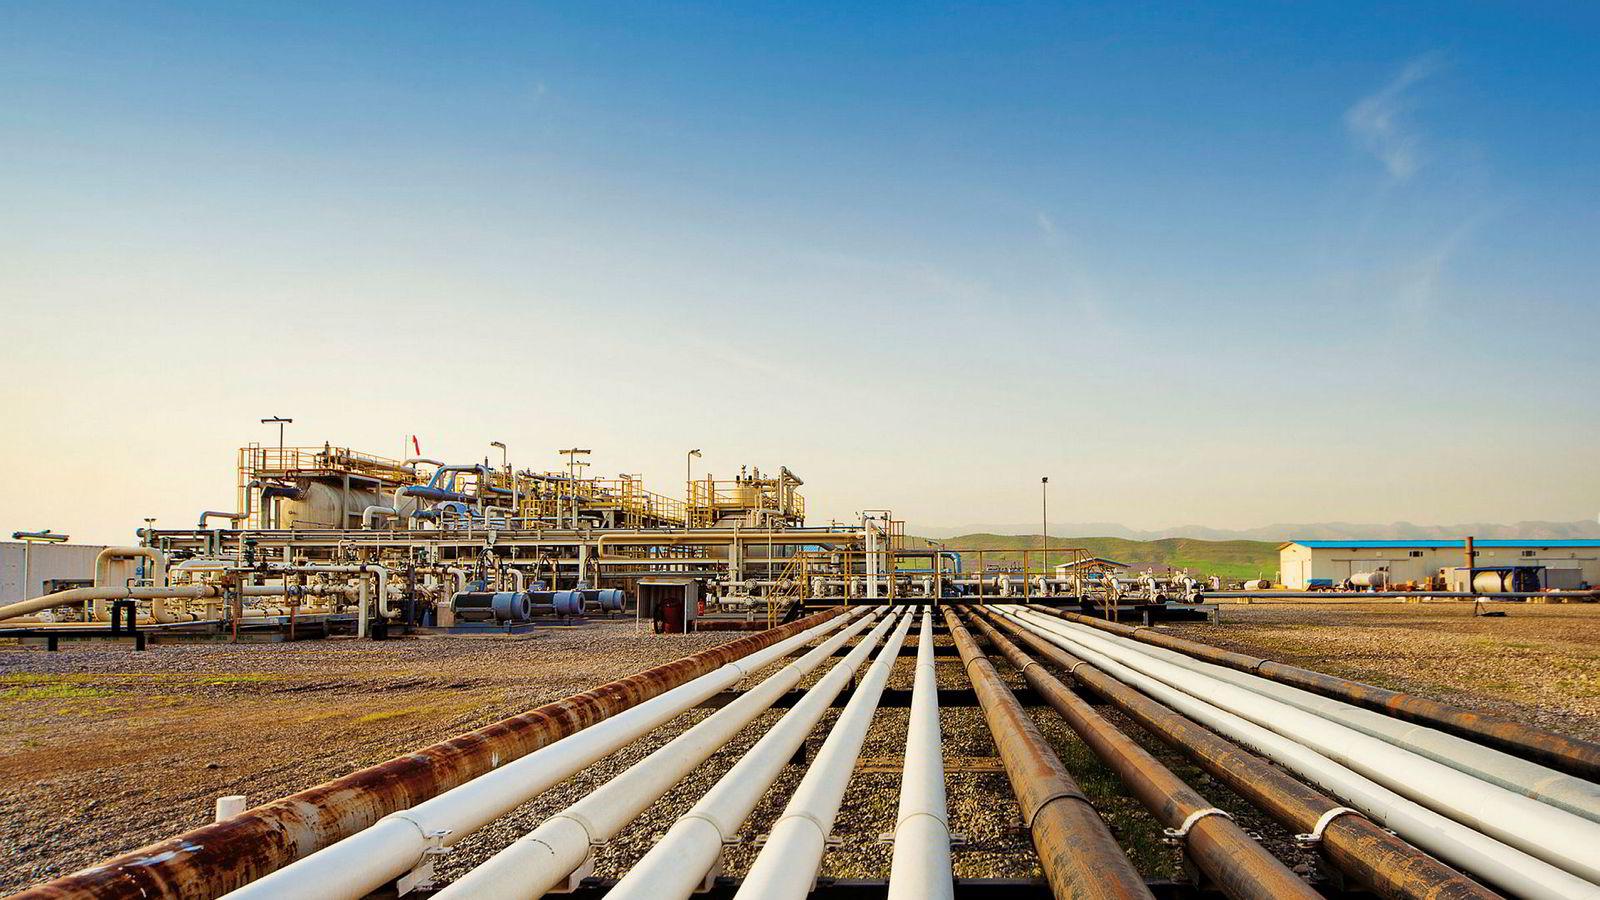 DNO har fått en ny lisens i Irak. Sent i august steg aksjekursen til selskapet kraftig da kurdiske myndigheter overførte en eierandel av Tawke-feltet til DNO.